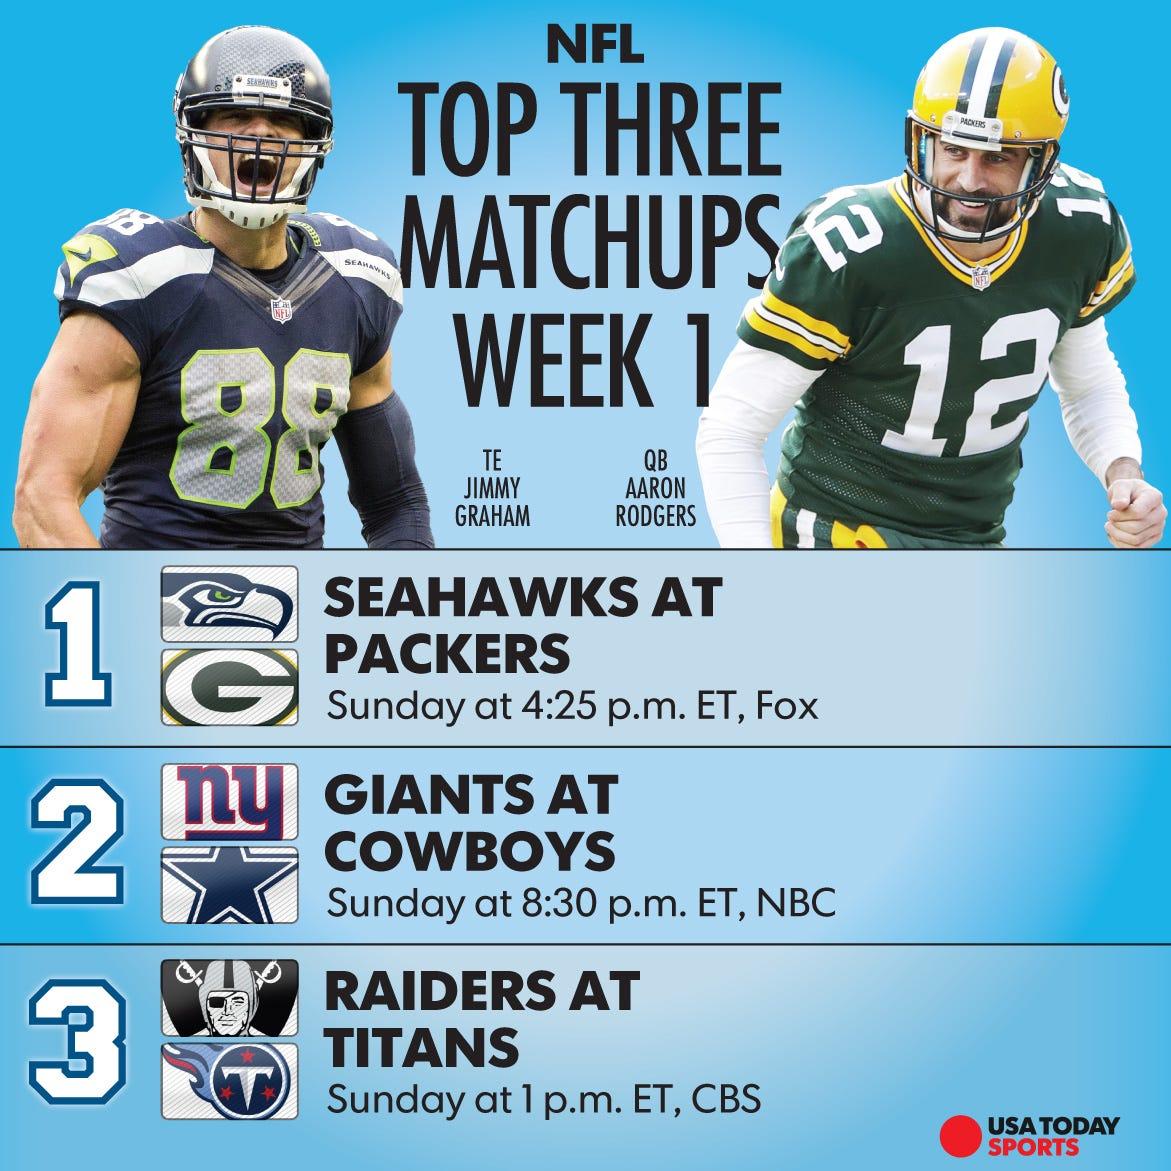 Top games of NFL Week 1: Seahawks-Packers highlights slate